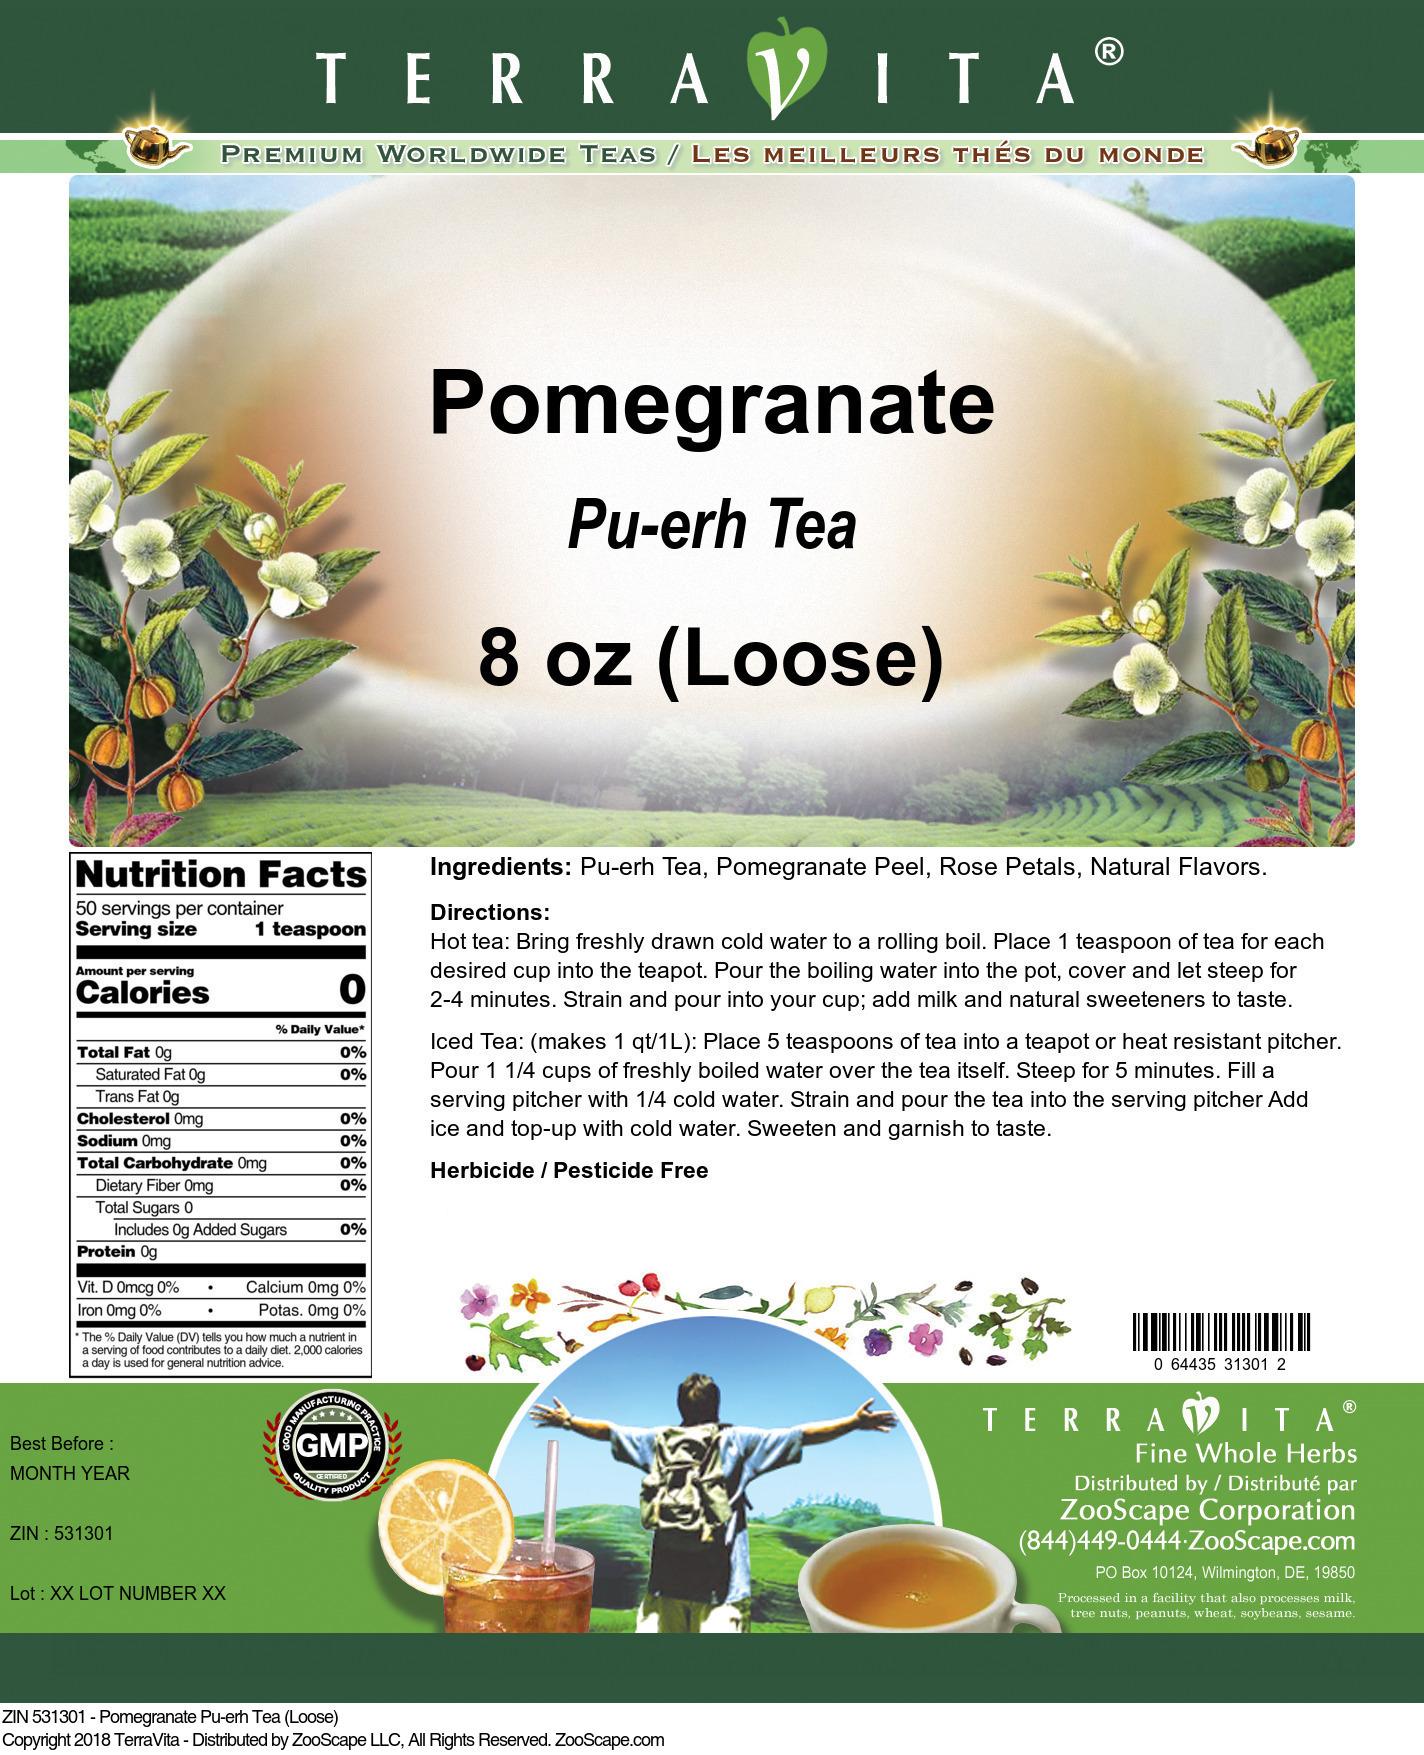 Pomegranate Pu-erh Tea (Loose)